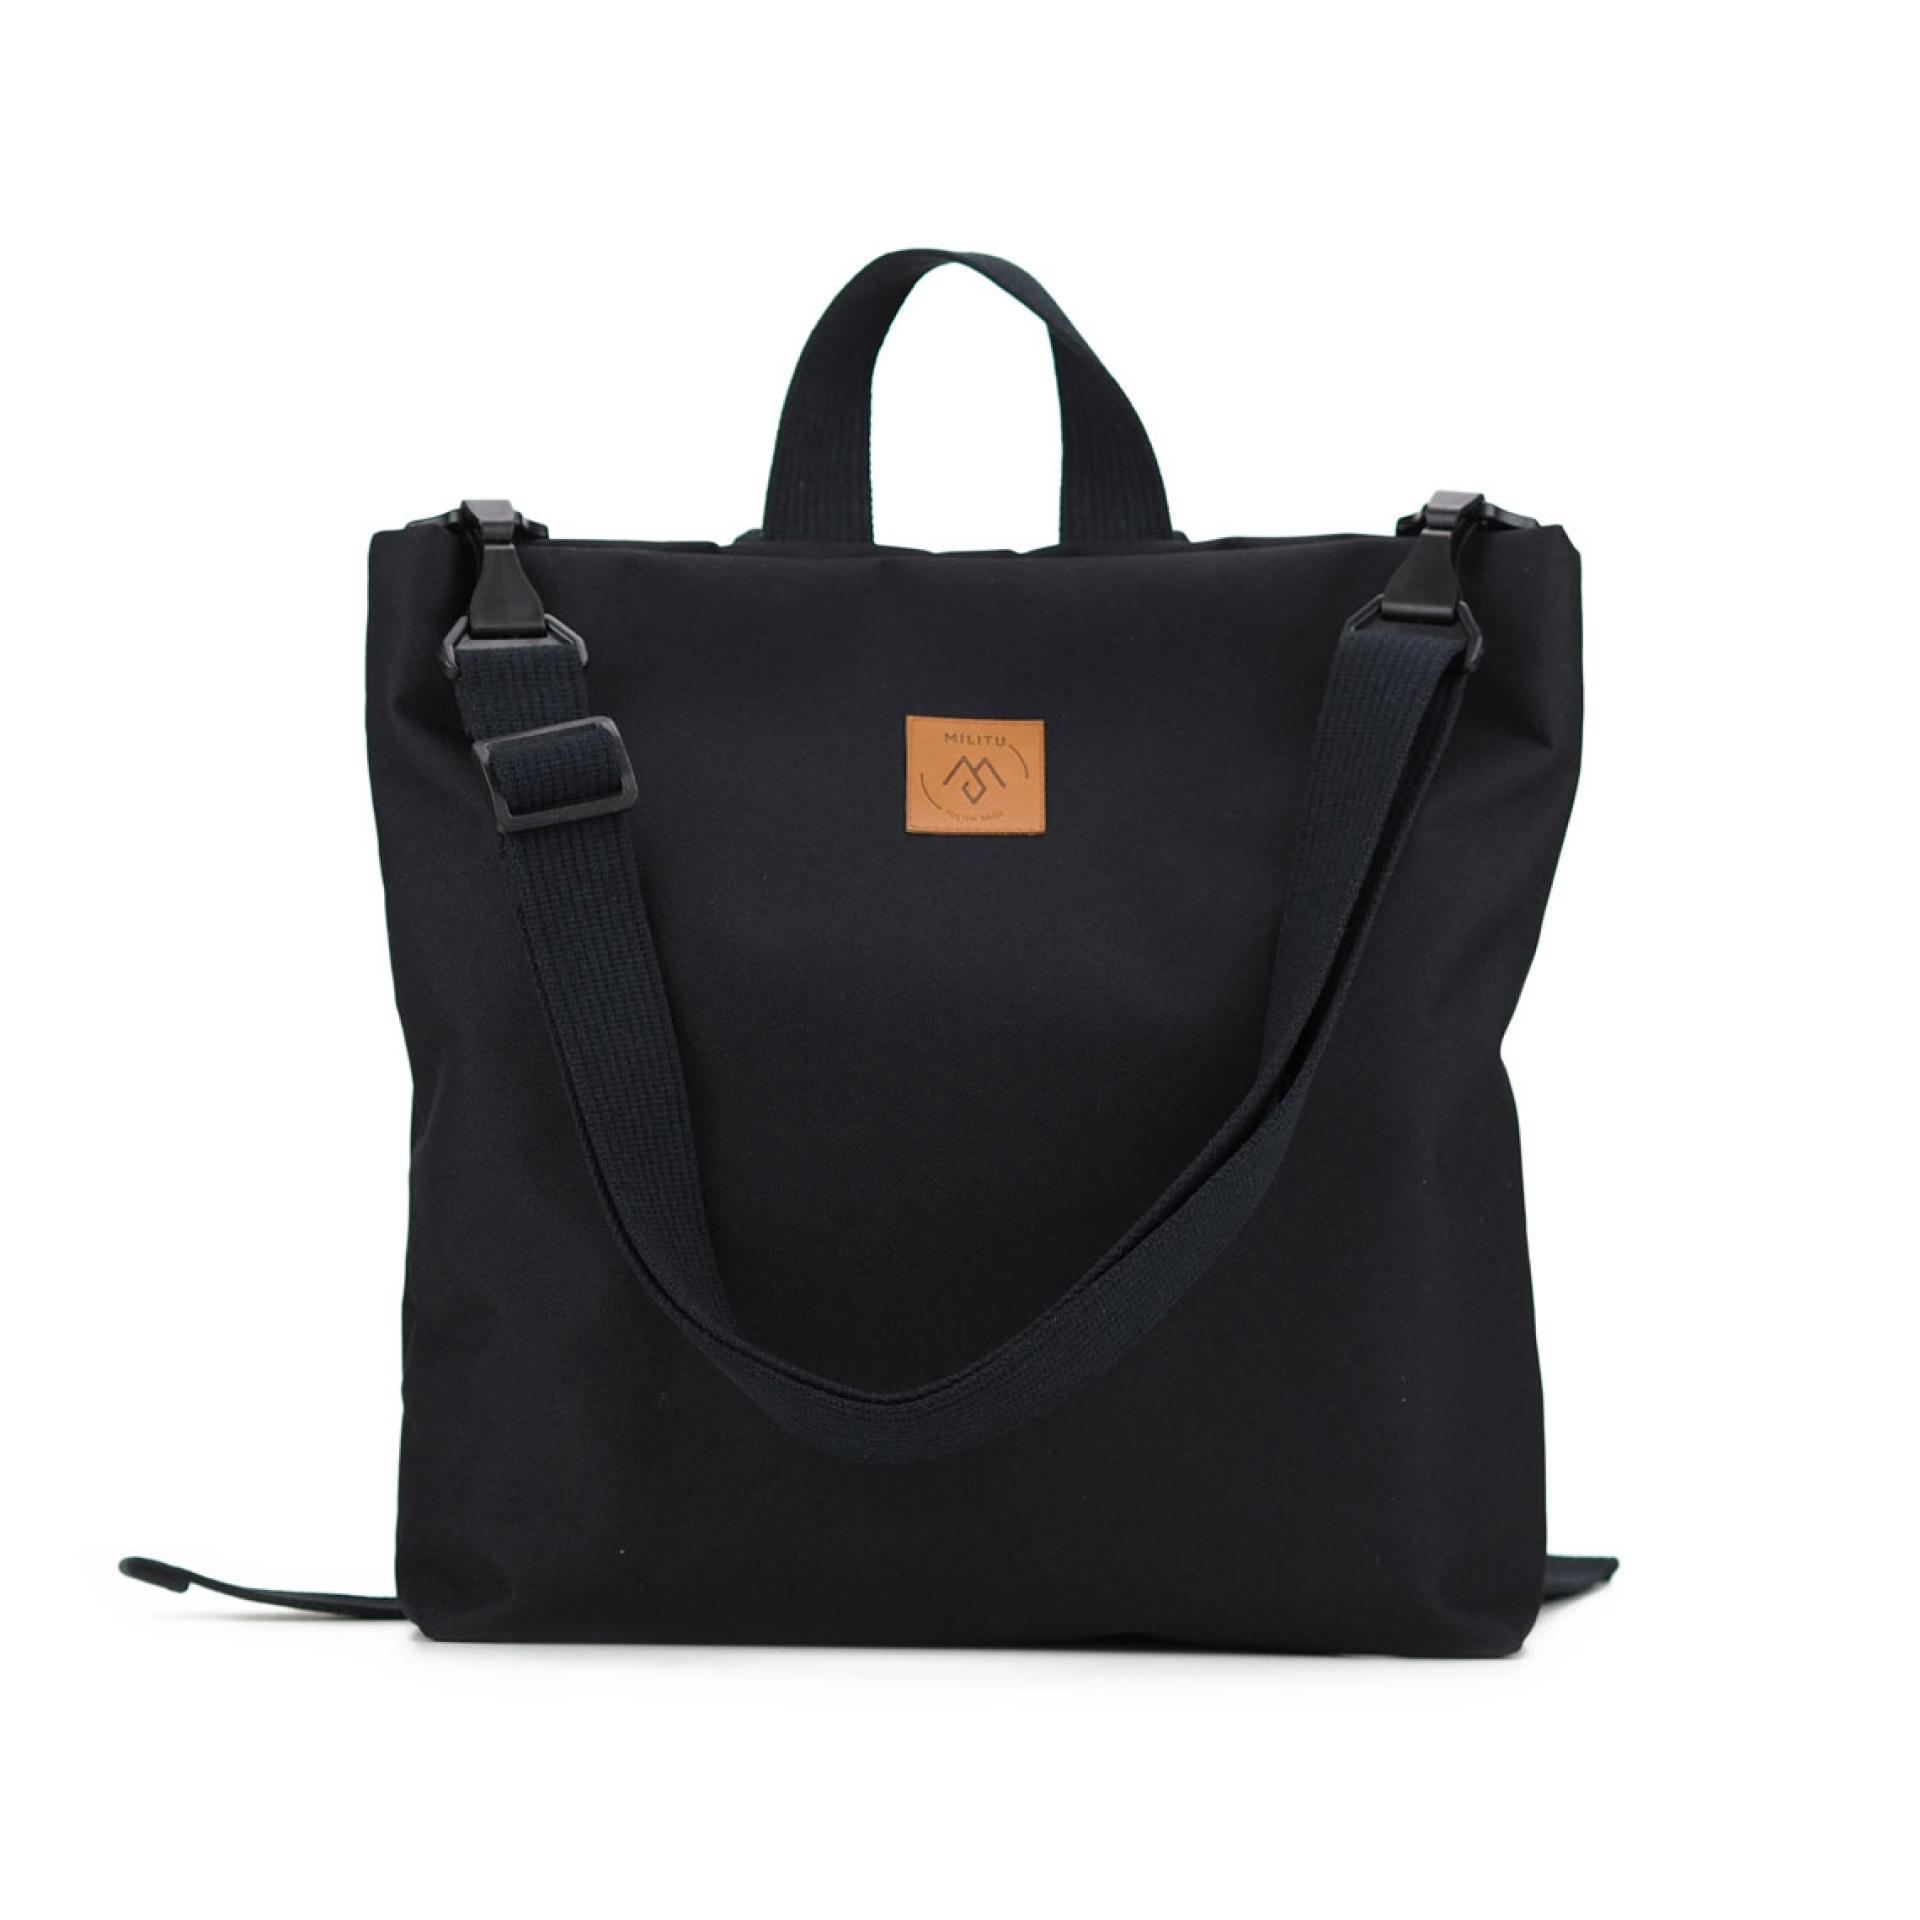 81b05519622e0 Plecak torba MILI URBAN JUNGLE L  czarny - Gust Gust